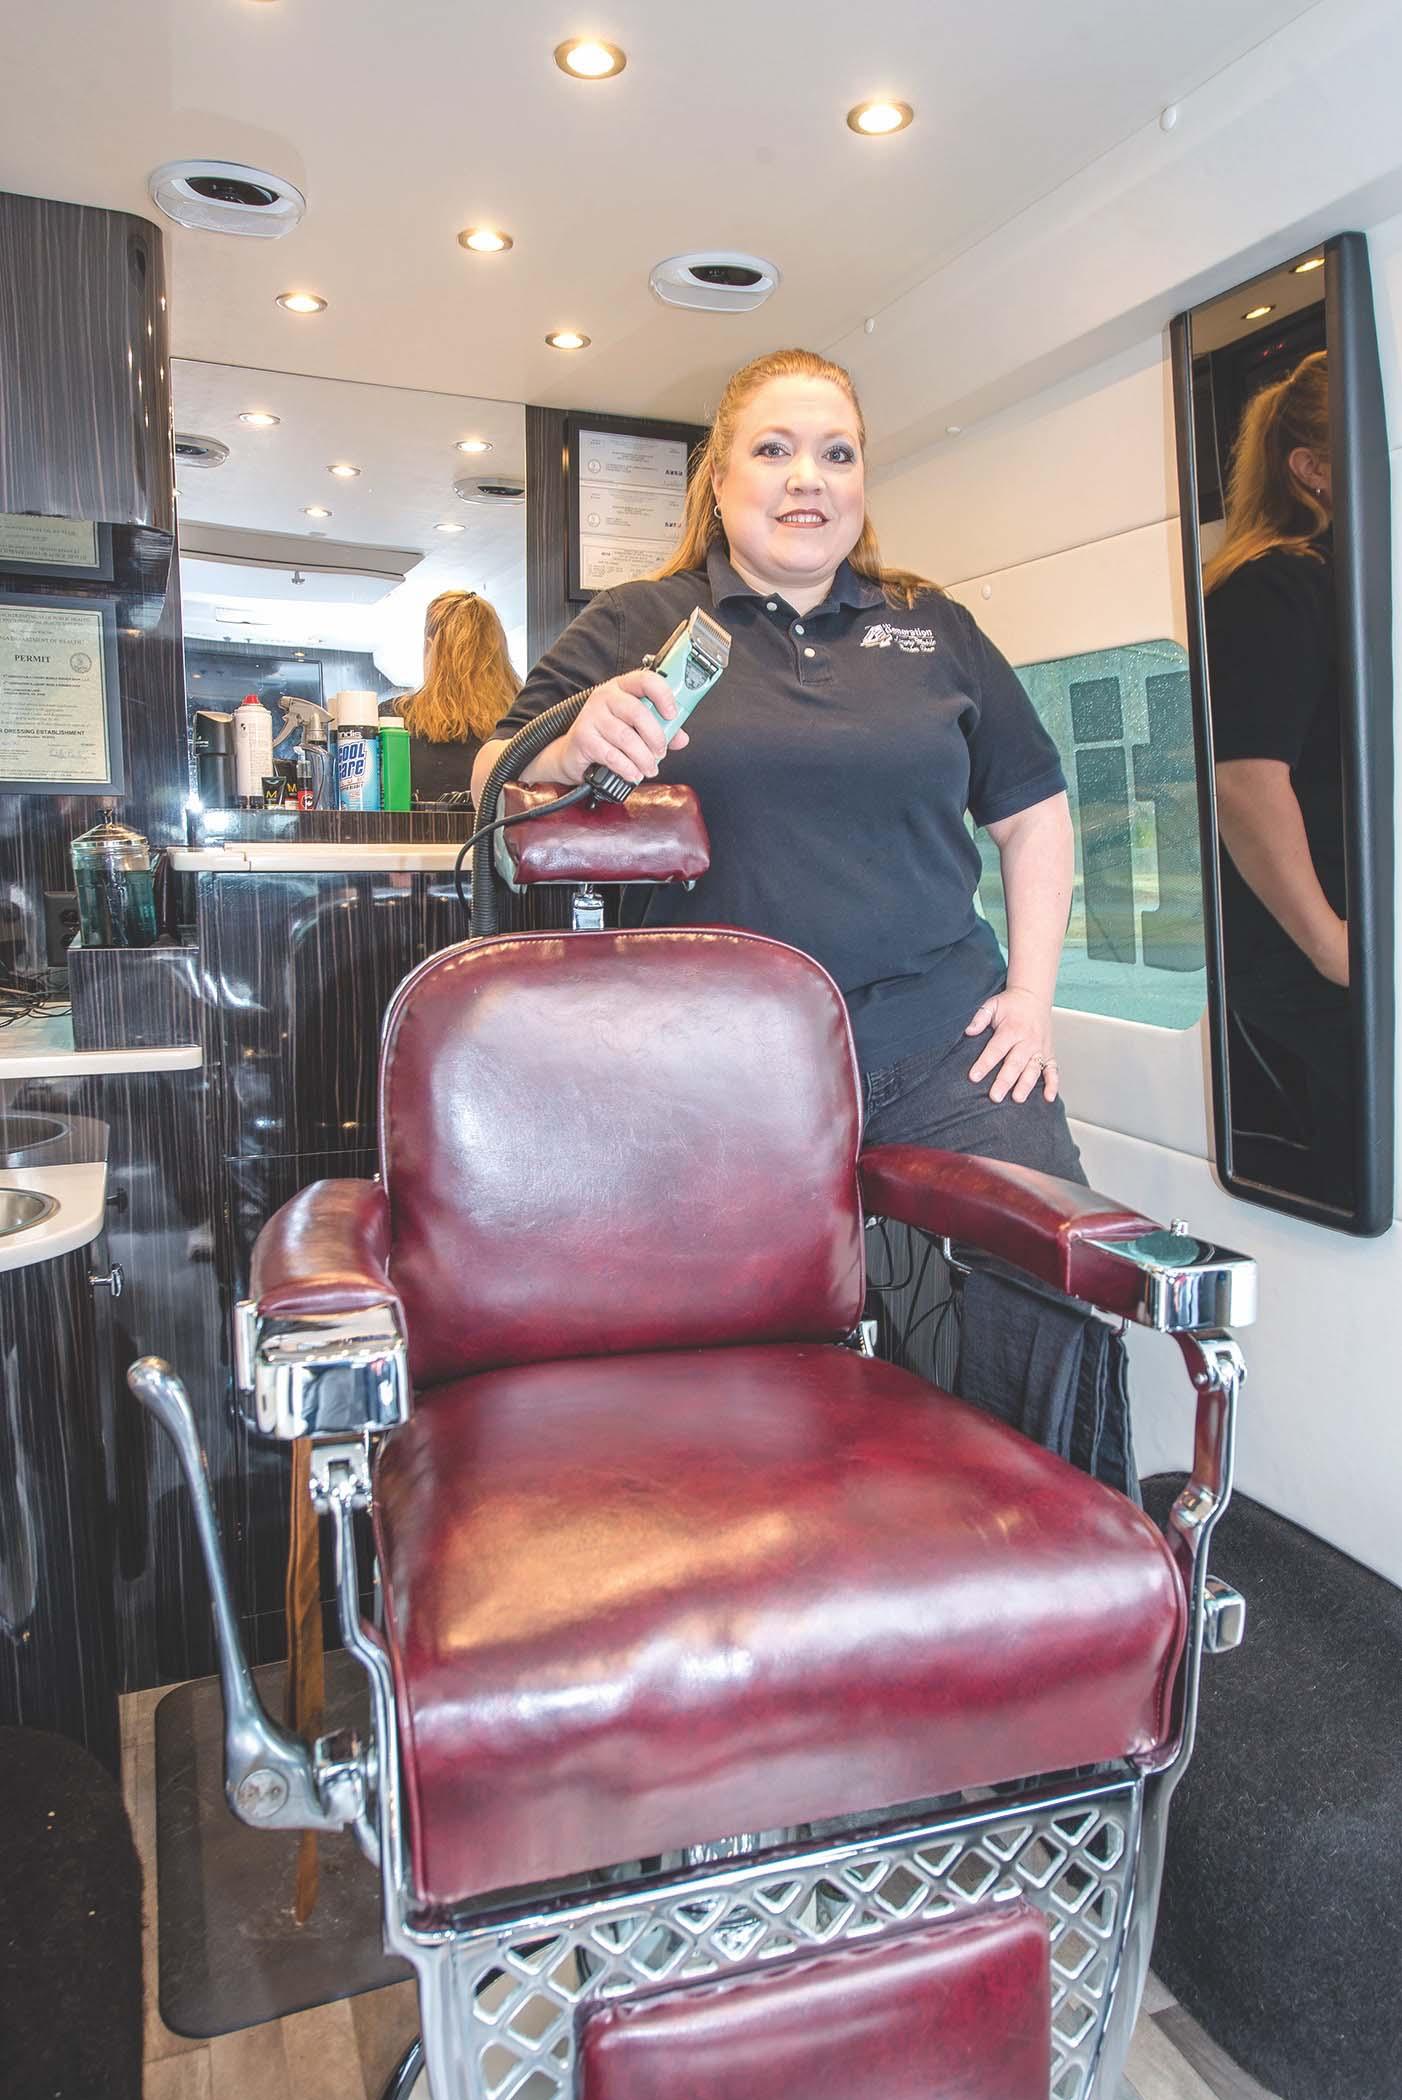 4th generation luxury mobile barber shop covabiz magazine. Black Bedroom Furniture Sets. Home Design Ideas